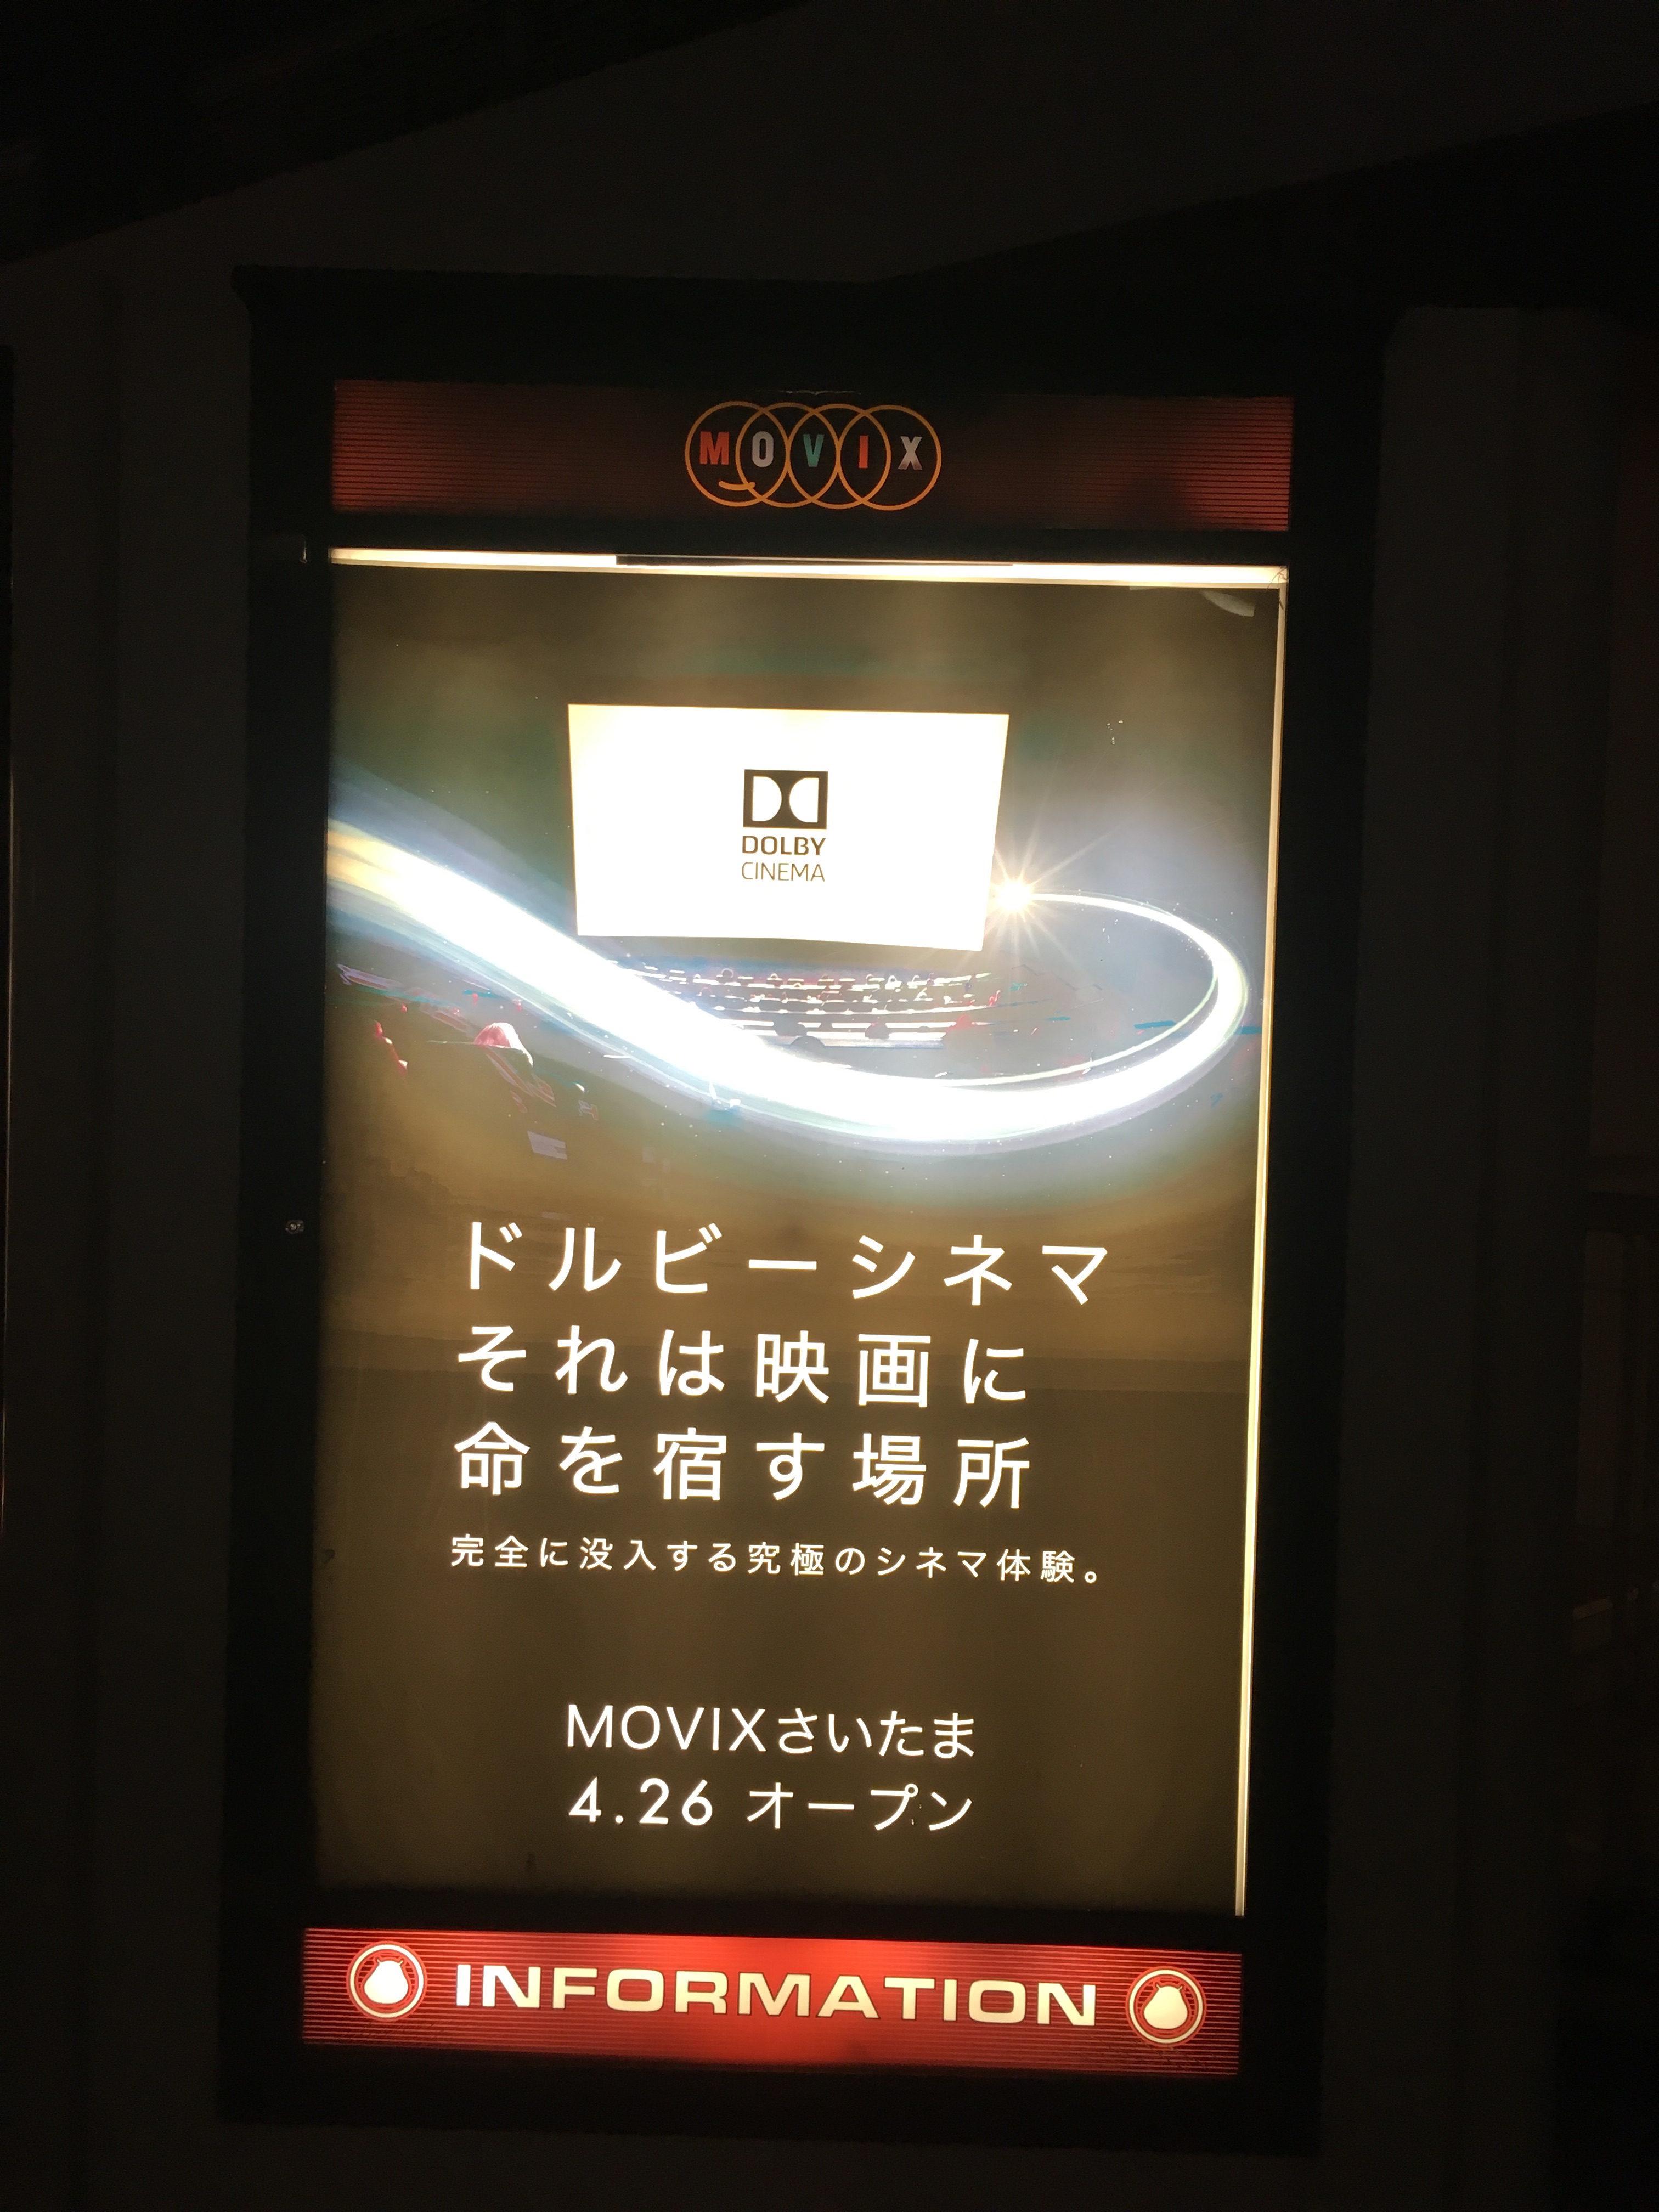 """ドルビーシネマを宣伝する看板""""""""/"""